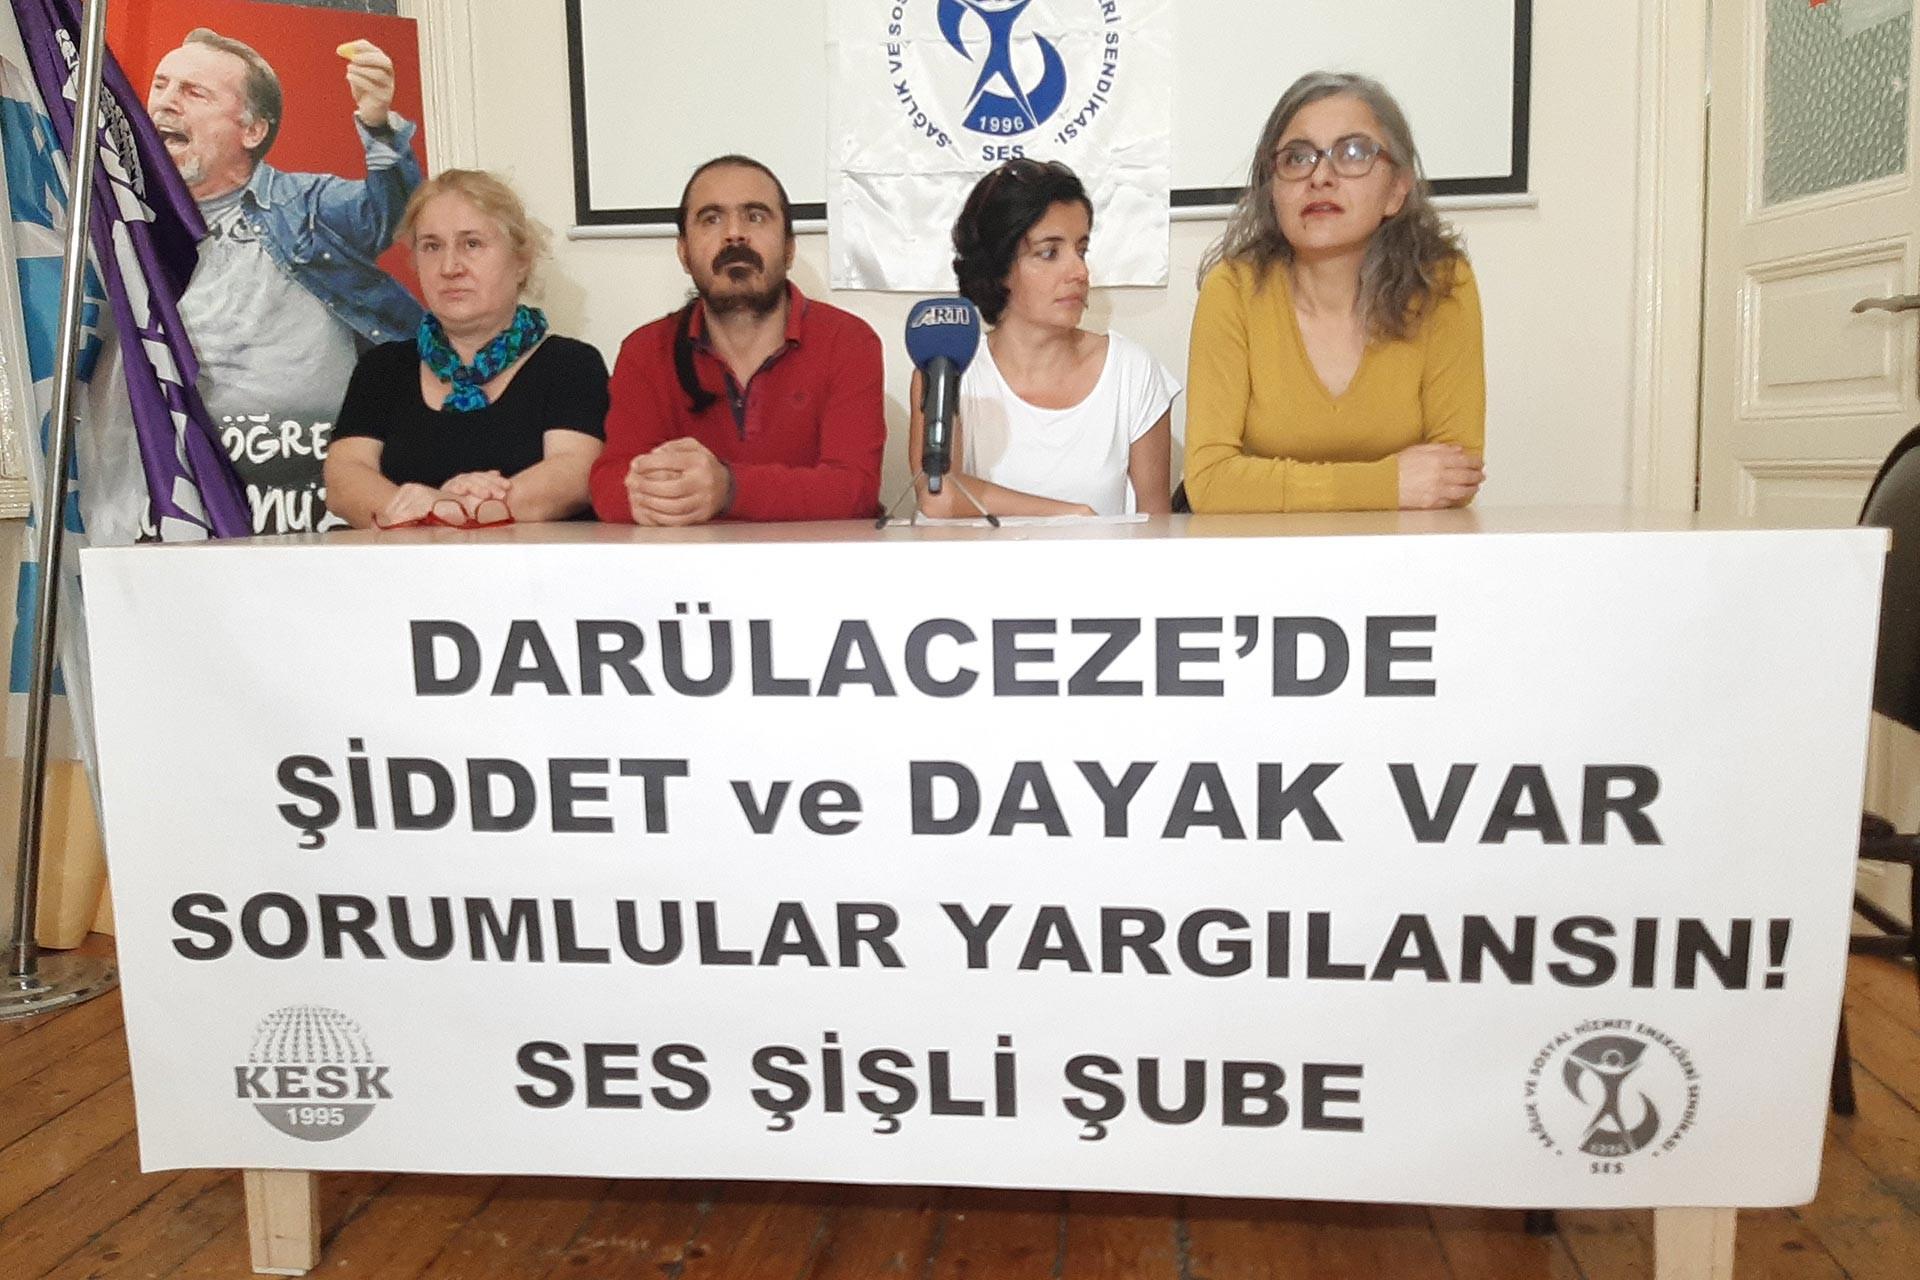 SES üyeleri 'Darülaceze'de şiddet ve dayak var, sorumlular yargılansın!' yazılı pankart arkasında basın açıklaması yaparken